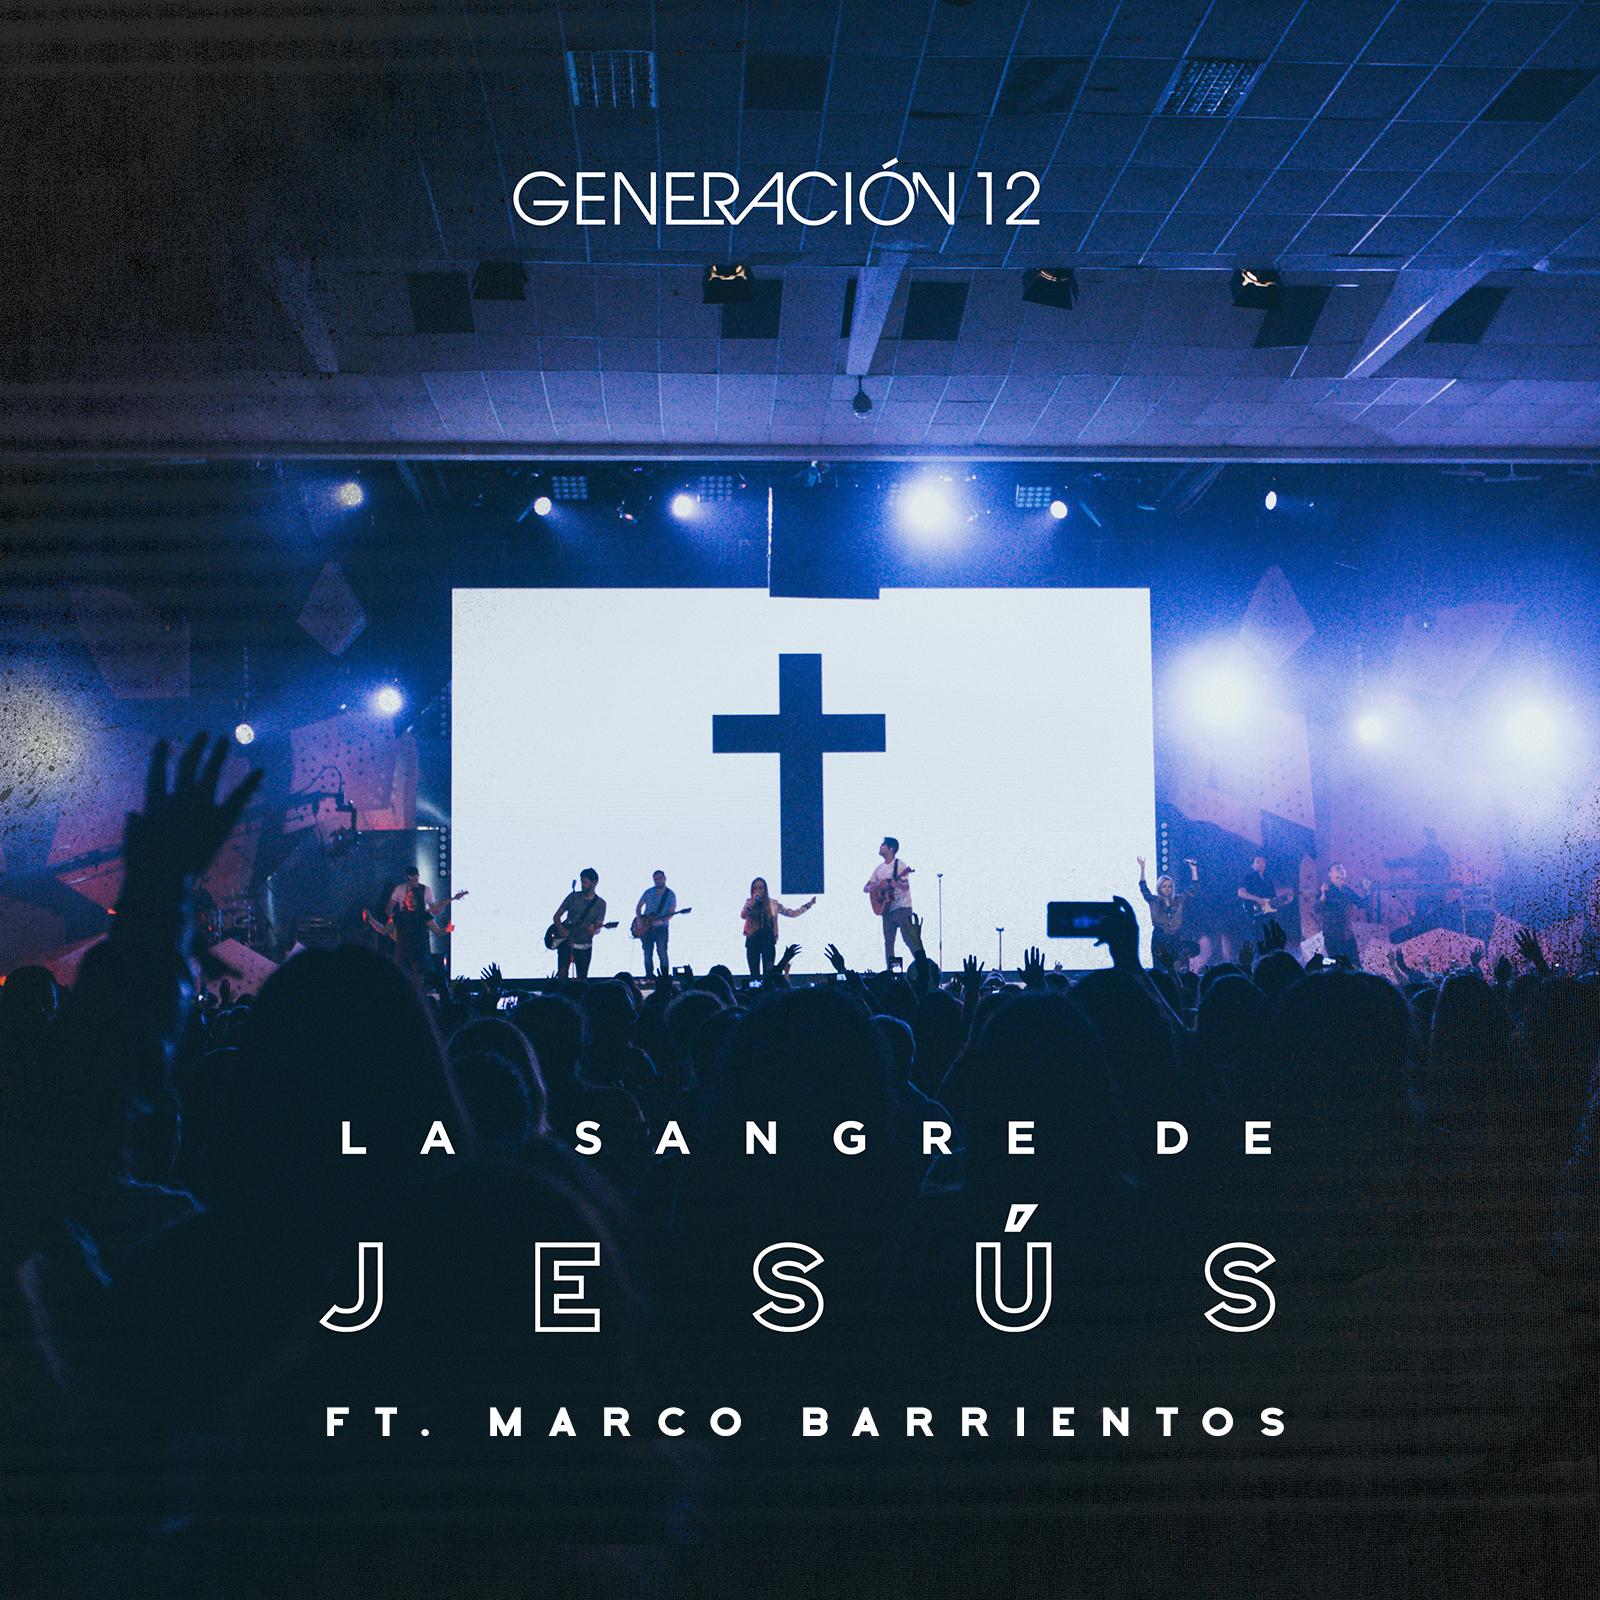 La Sangre de Jesús – Generación 12